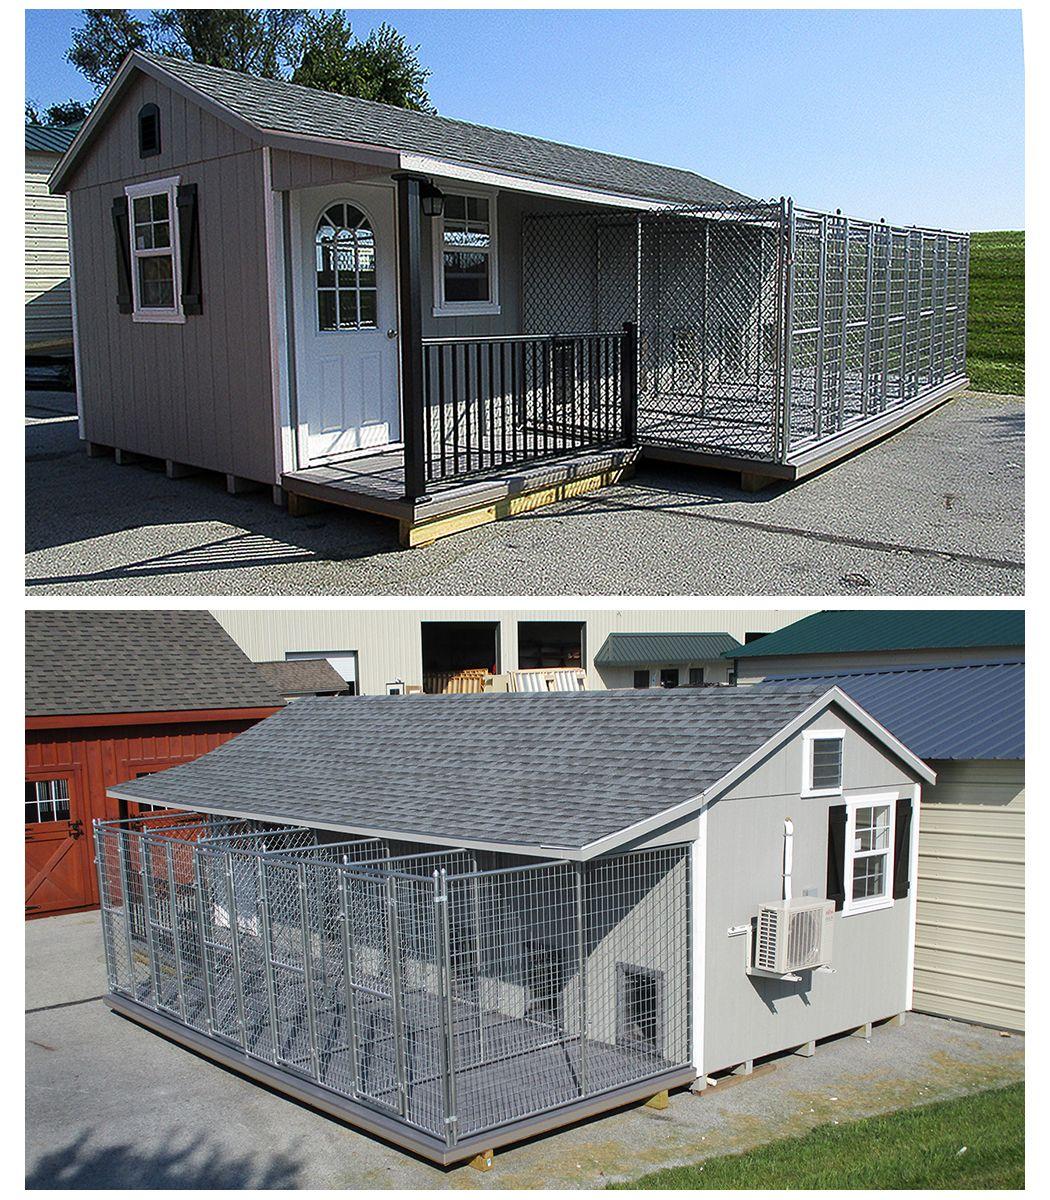 Take A Look Inside This Prefab/modular Dog Kennel!